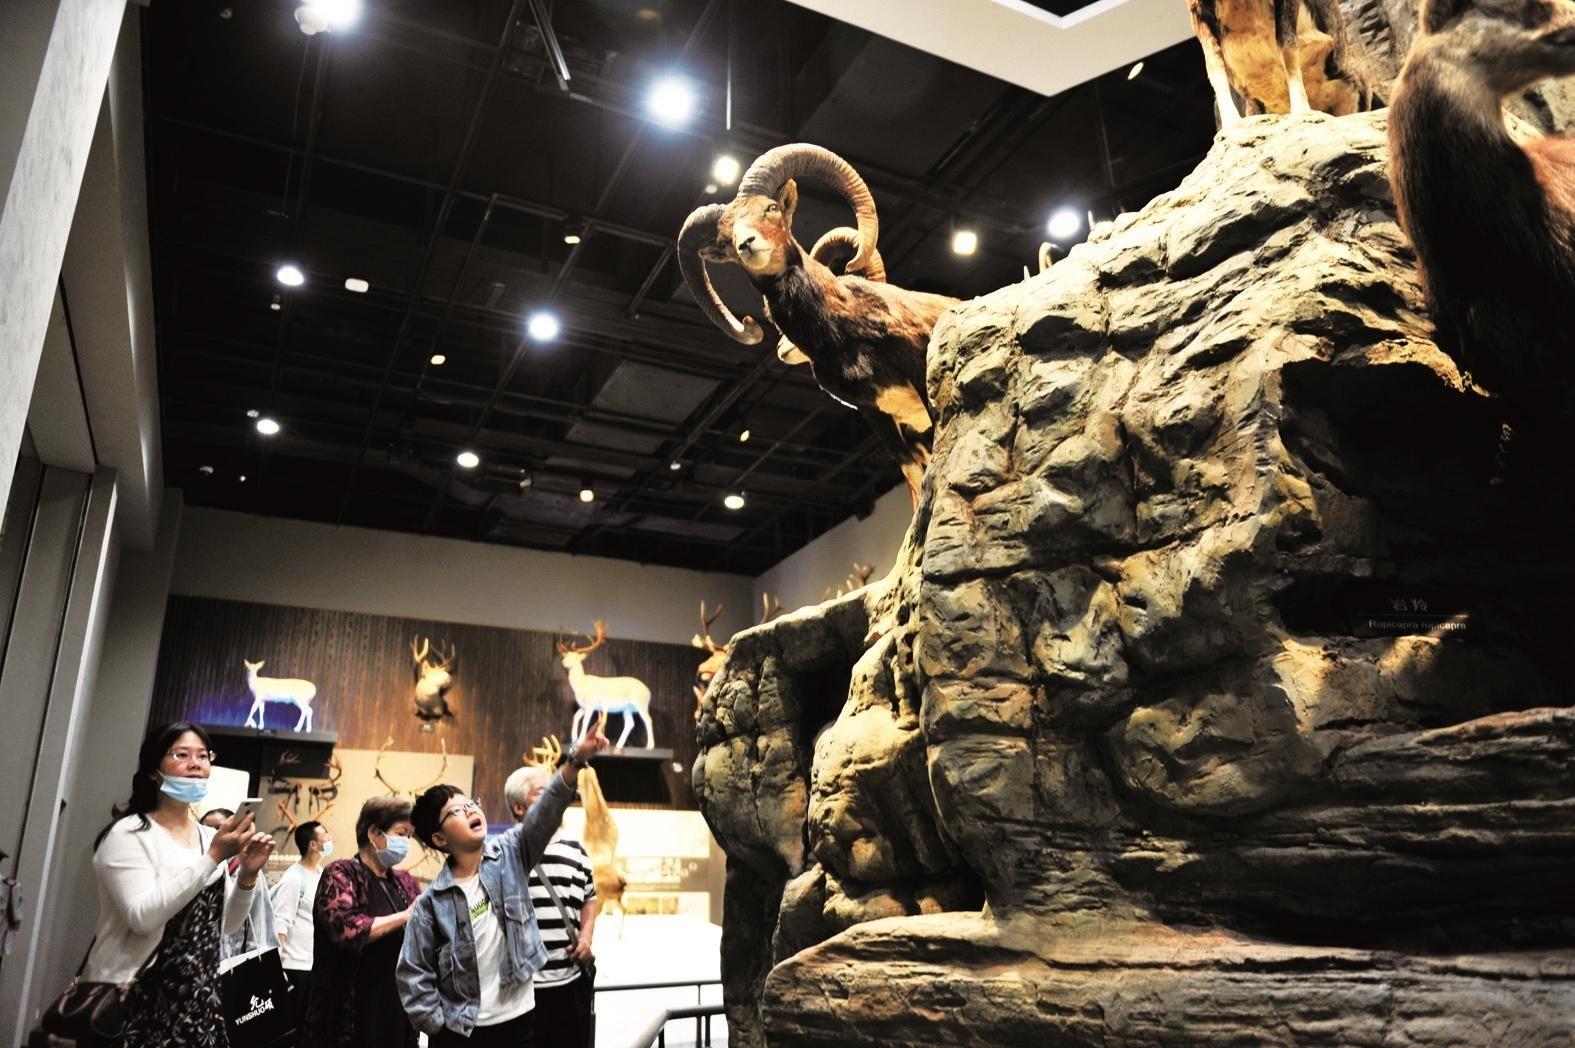 闭馆8个月后,宜昌博物馆恢复开放,团队预约暂不受理